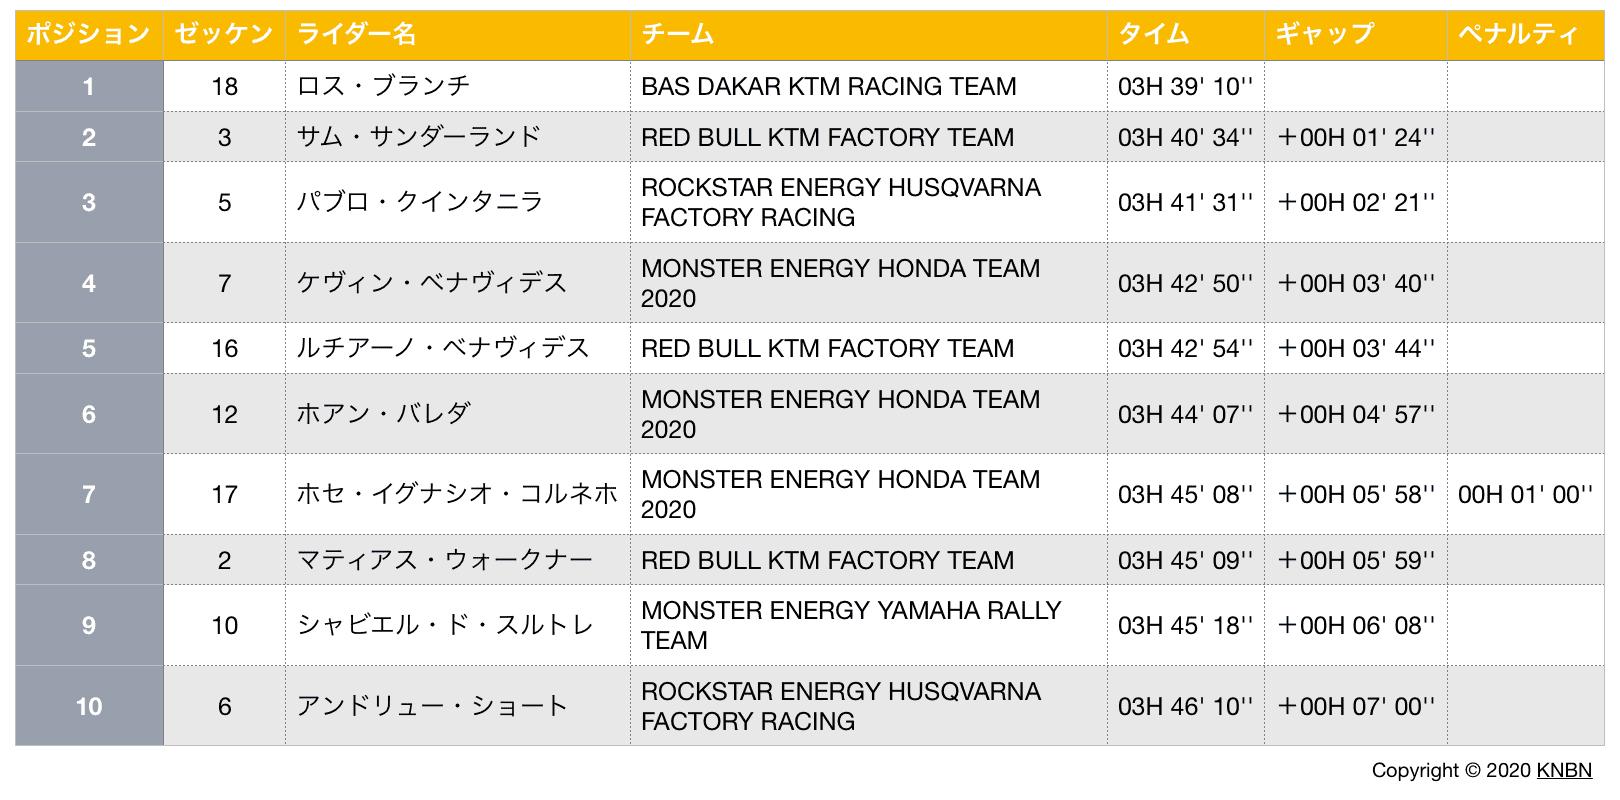 ダカールラリー・ステージ2結果